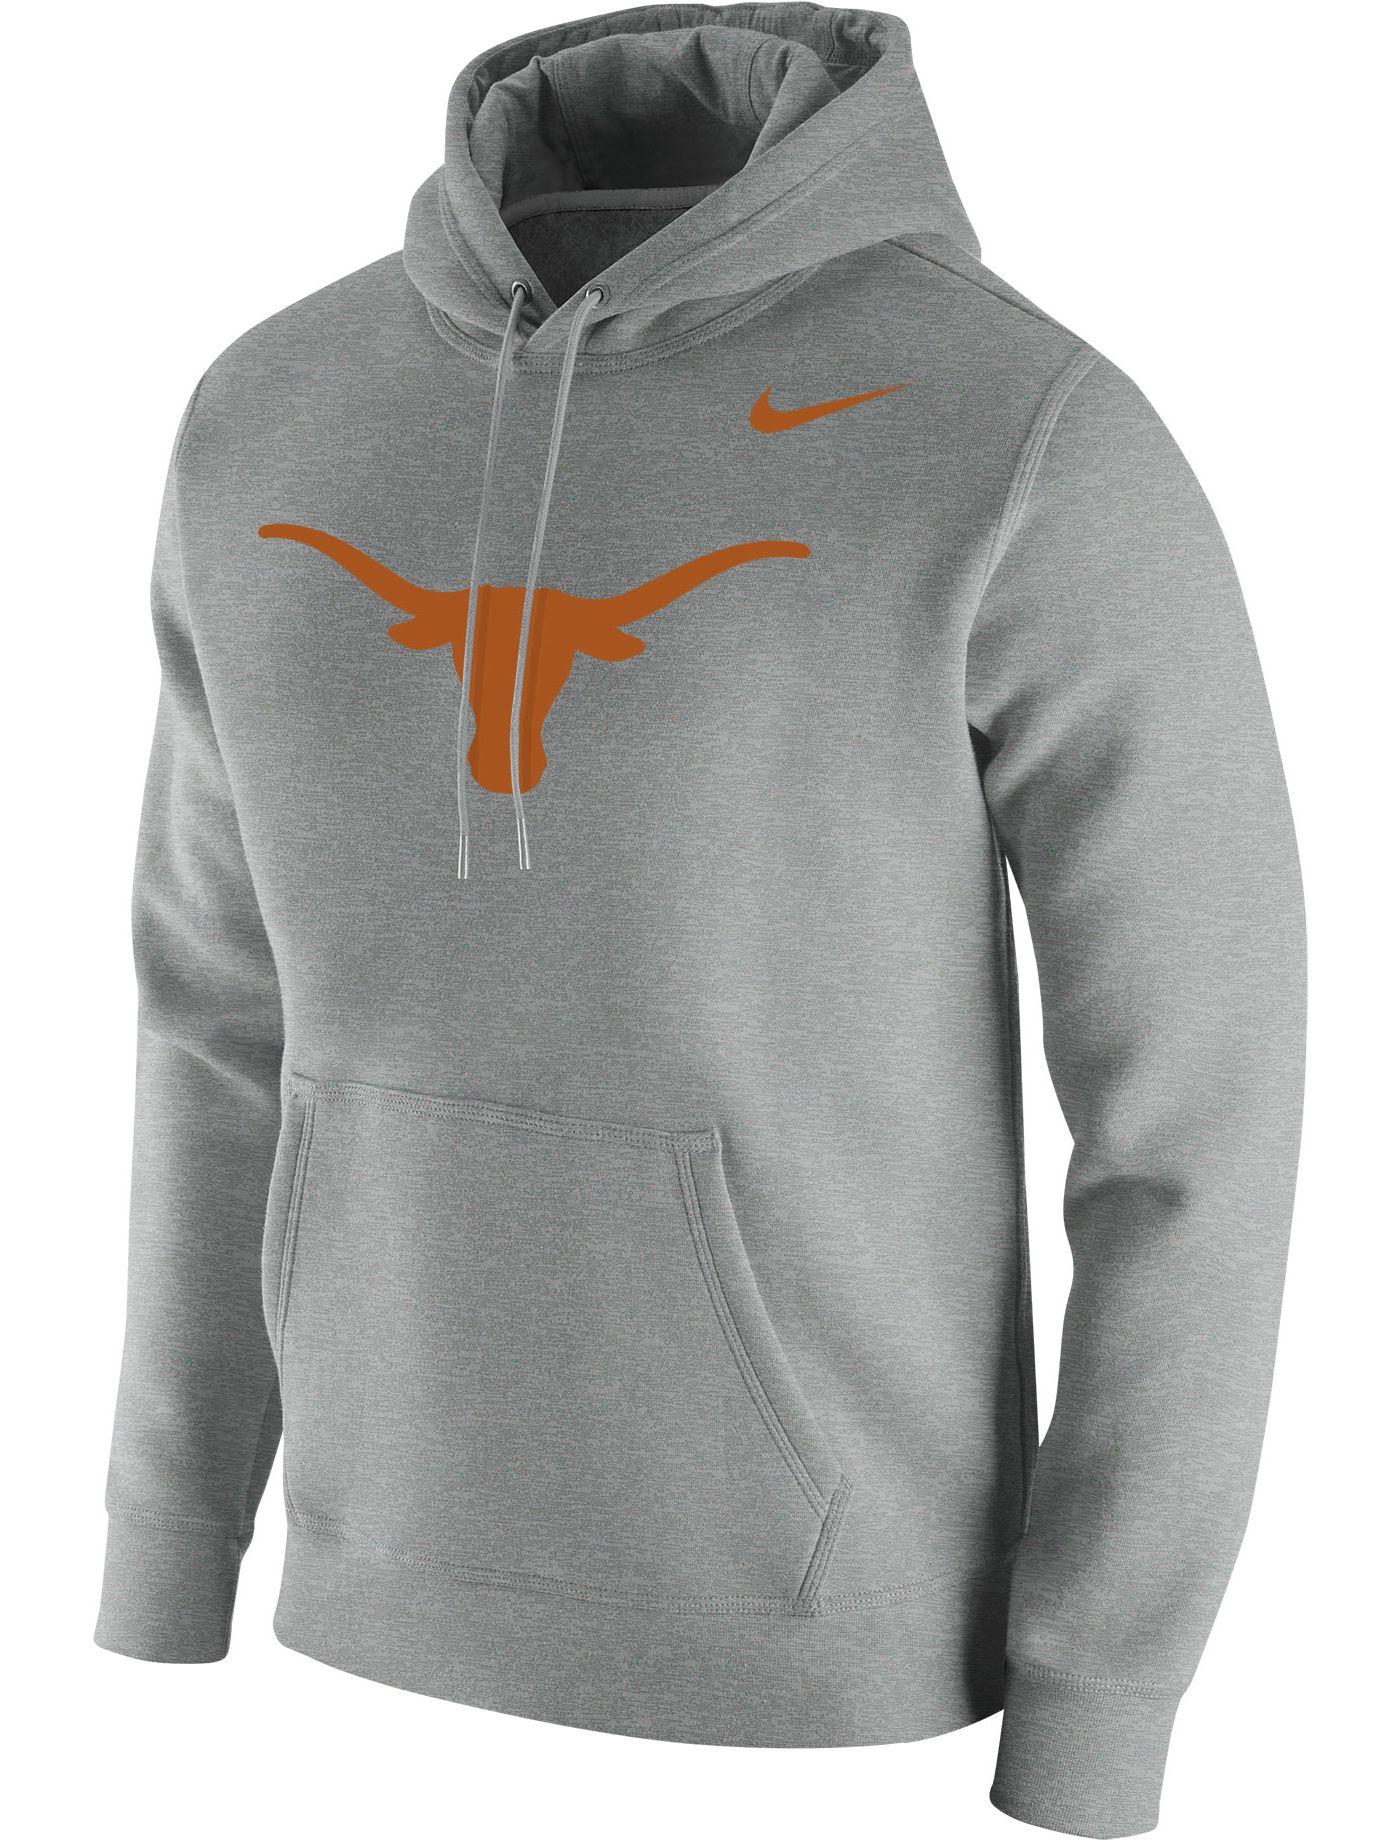 Nike Men's Texas Longhorns Grey Club Fleece Pullover Hoodie